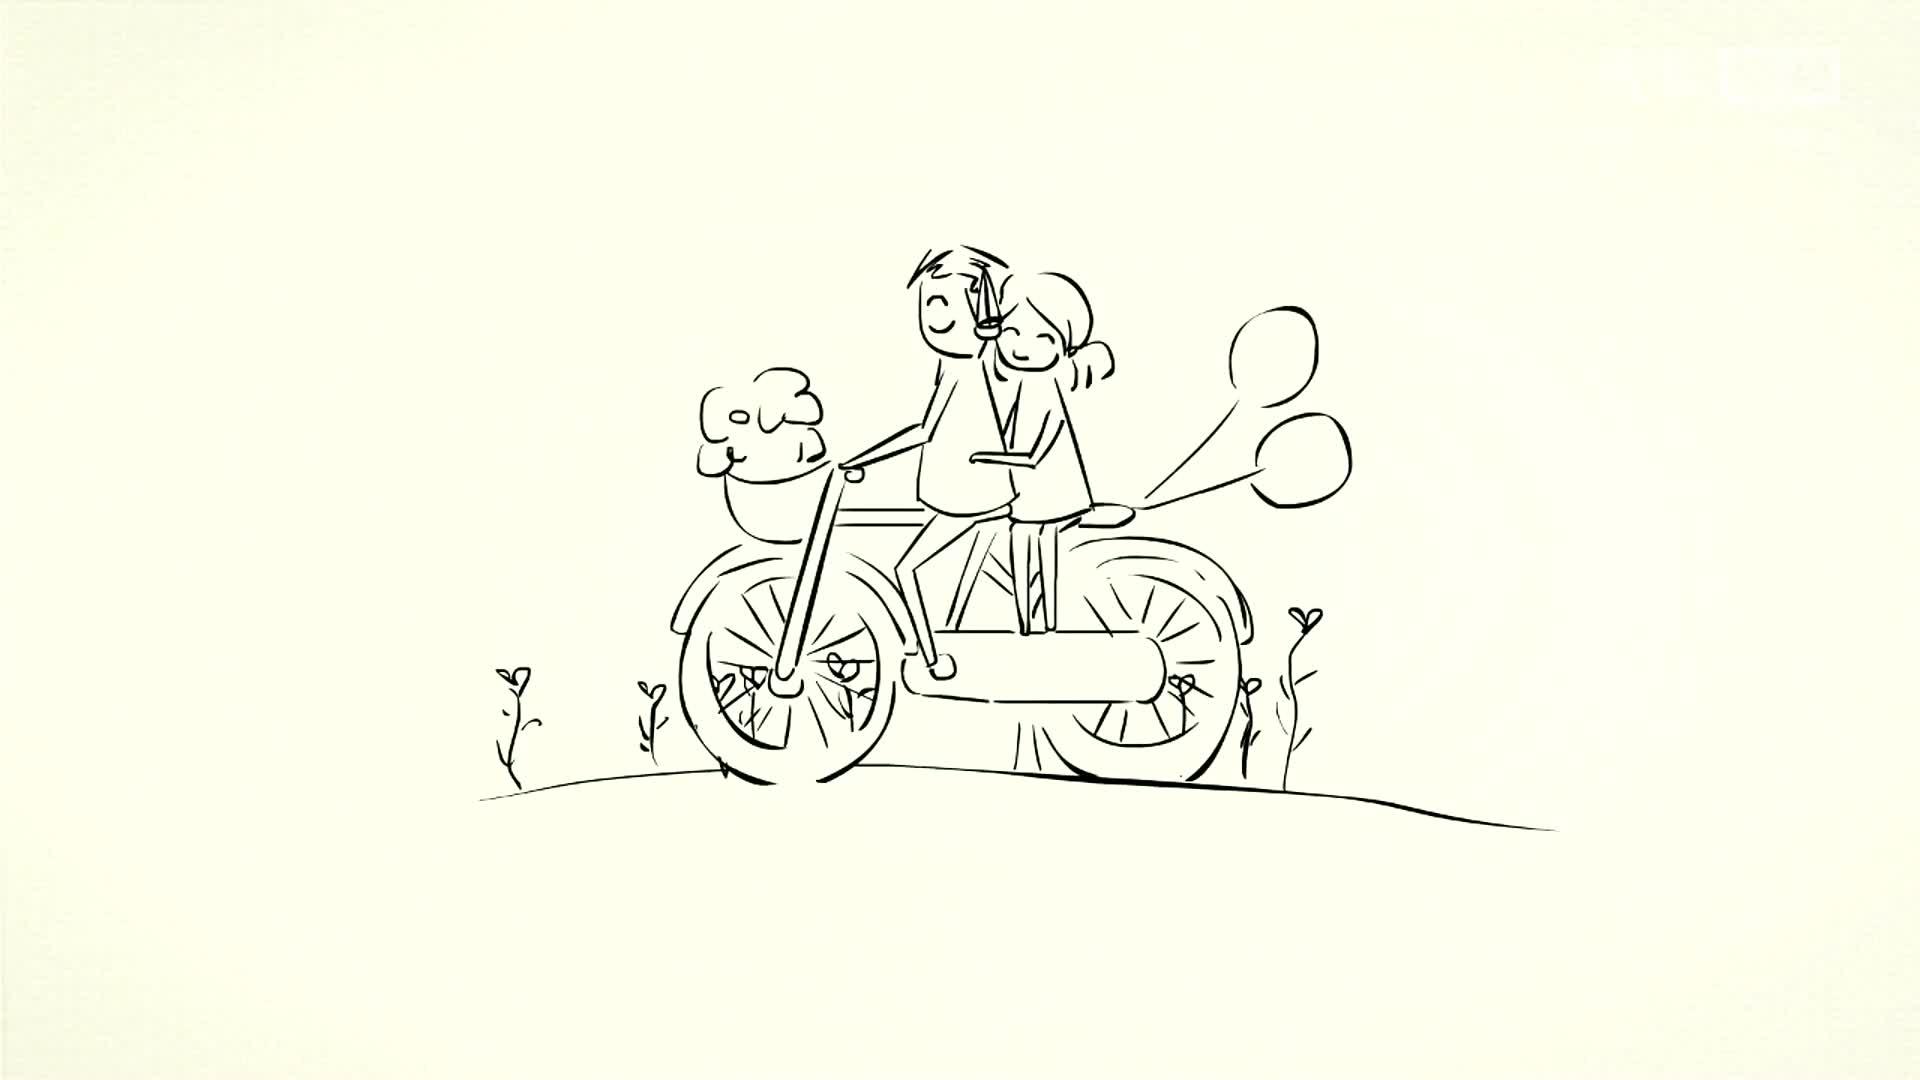 简笔画 手绘 线稿 1920 1080